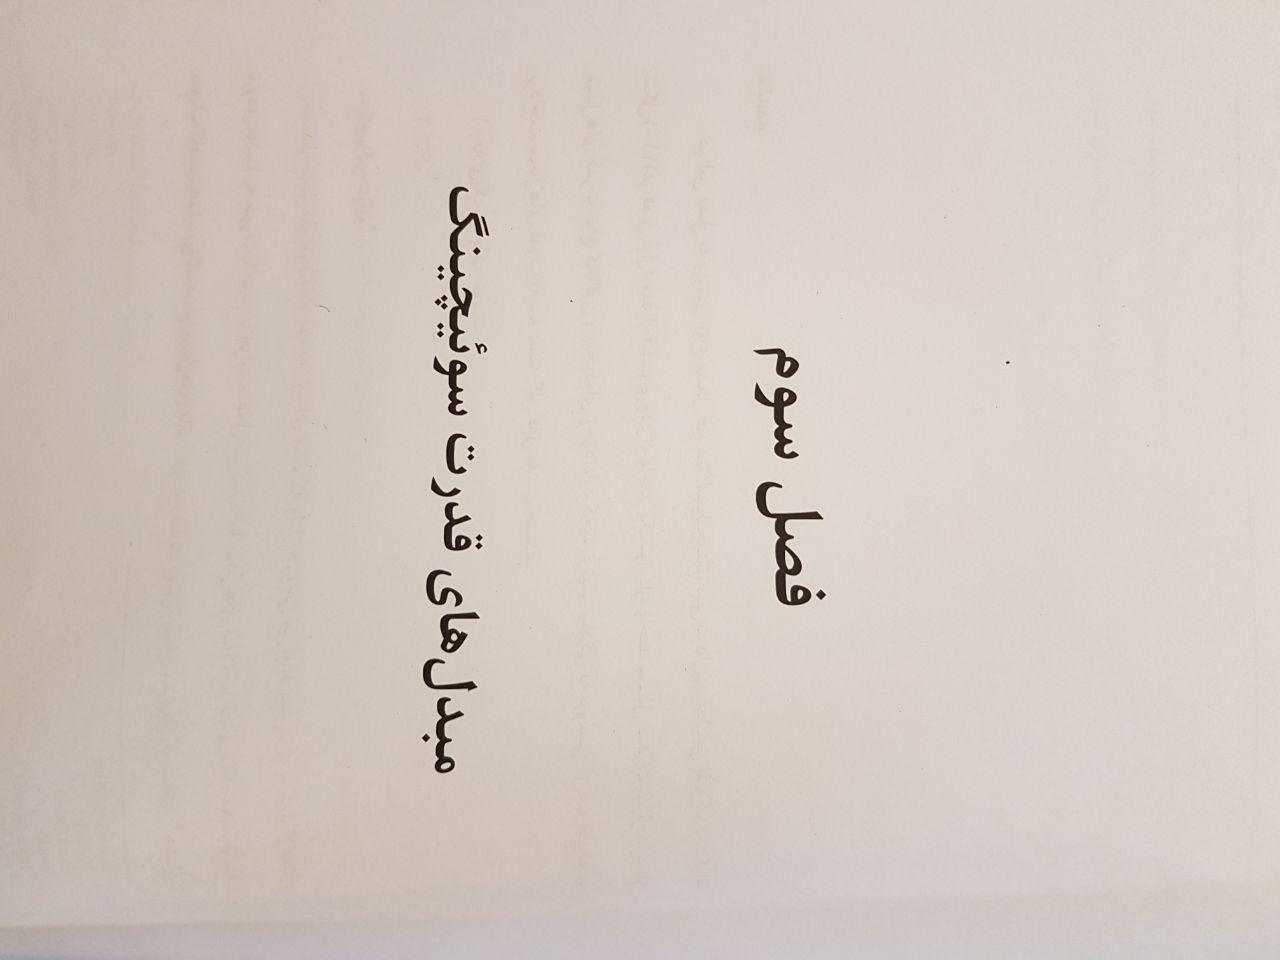 الکترونیک کار صنعتی- آقای علیرضا نیلفروش زاده